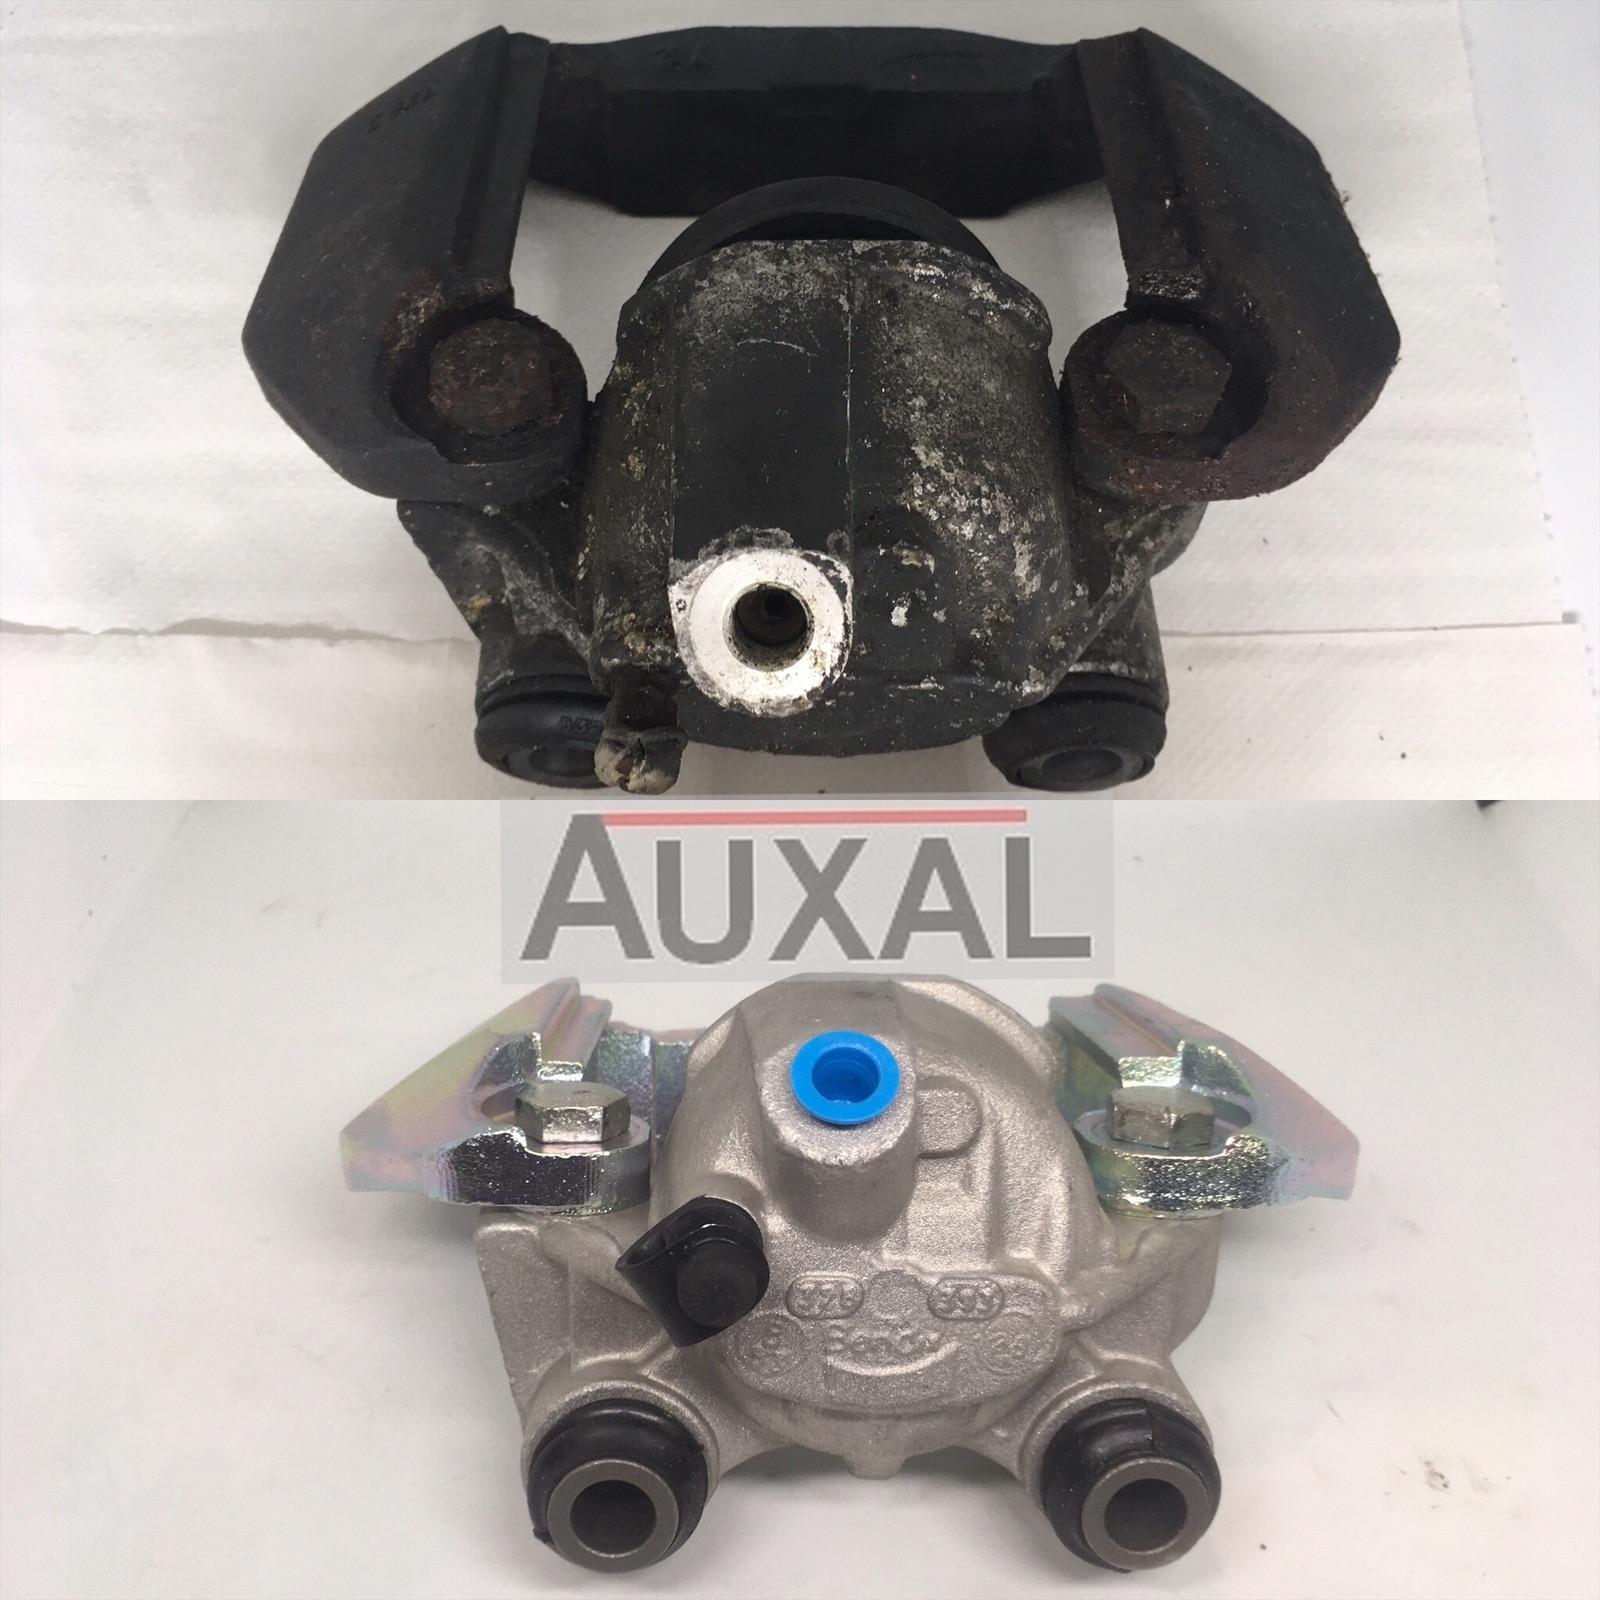 Etrier-bendix-205-turbo-16-auxal-2